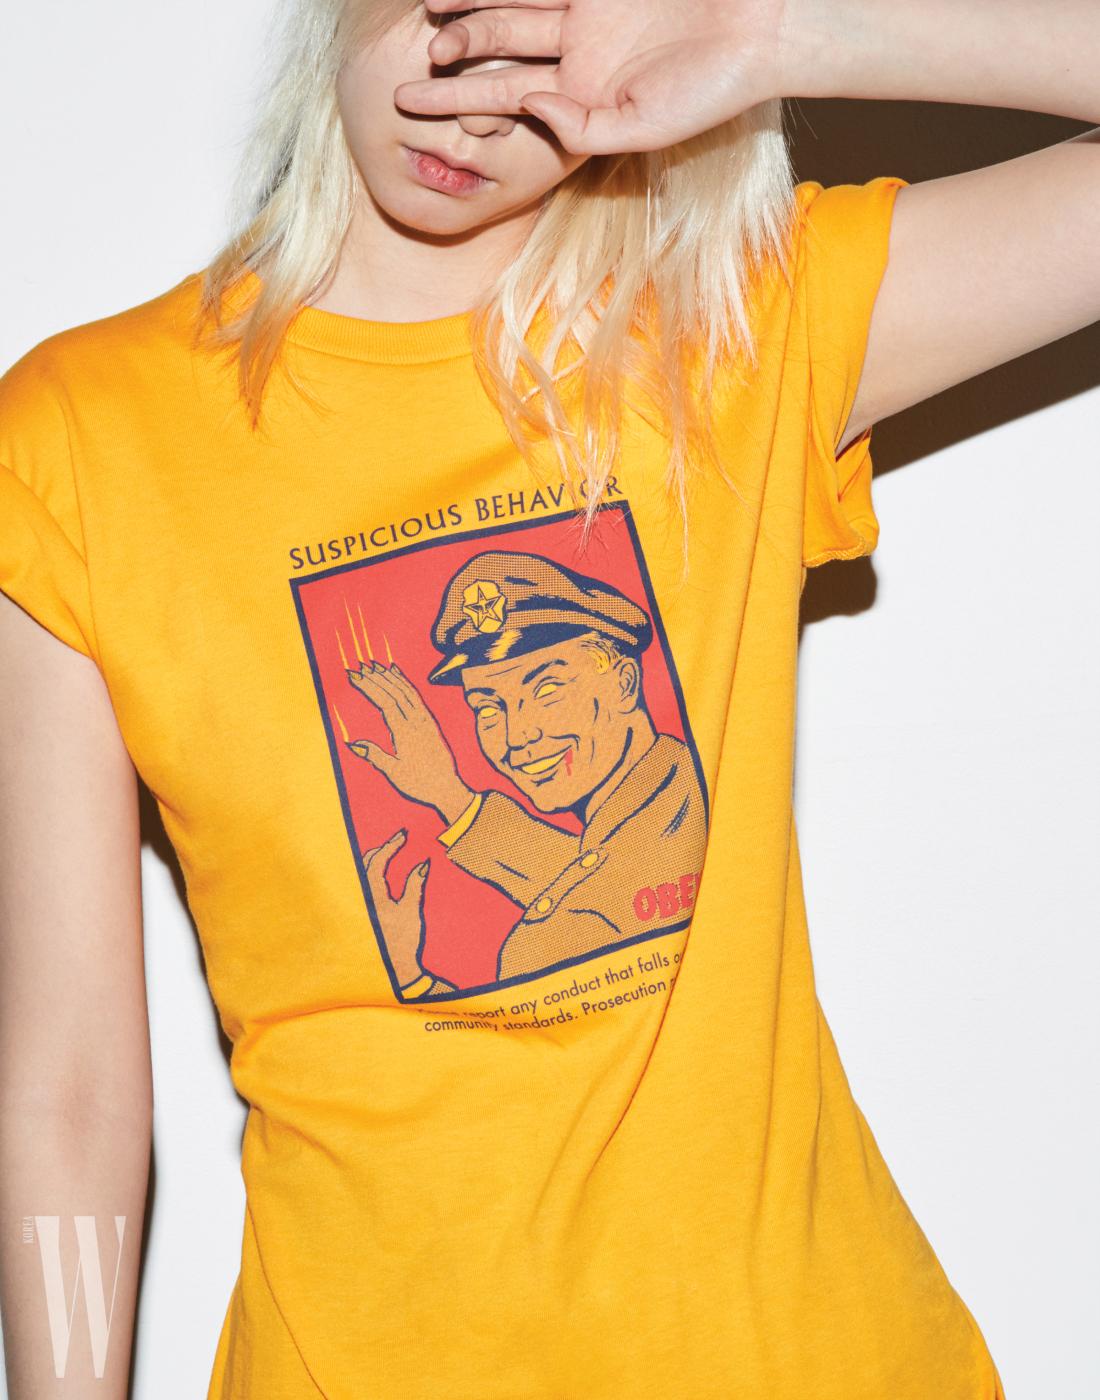 프로파간다 스타일의 일러스트가 그려진 노랑 티셔츠는 오베이 by 웍스아웃 제품. 3만4천원.